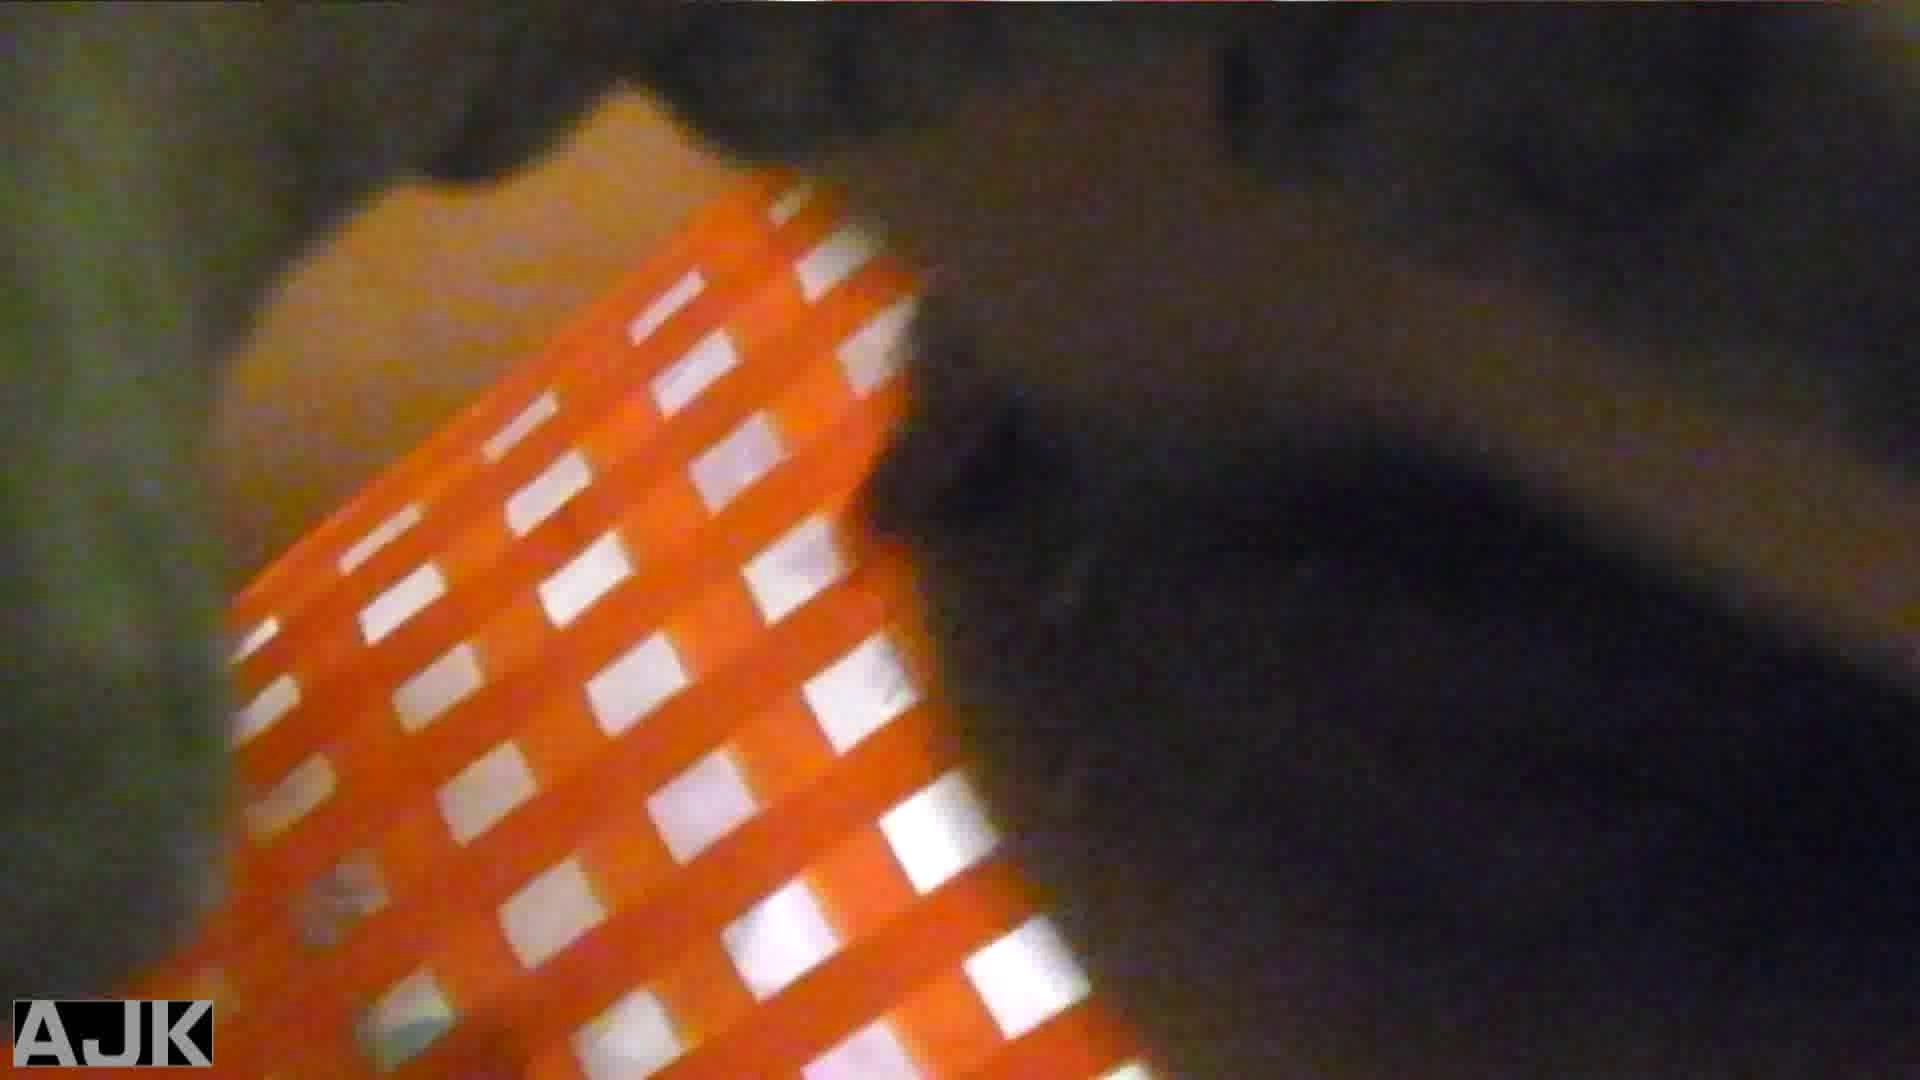 隣国上階級エリアの令嬢たちが集うデパートお手洗い Vol.29 オマンコ見放題 オマンコ動画キャプチャ 108枚 39